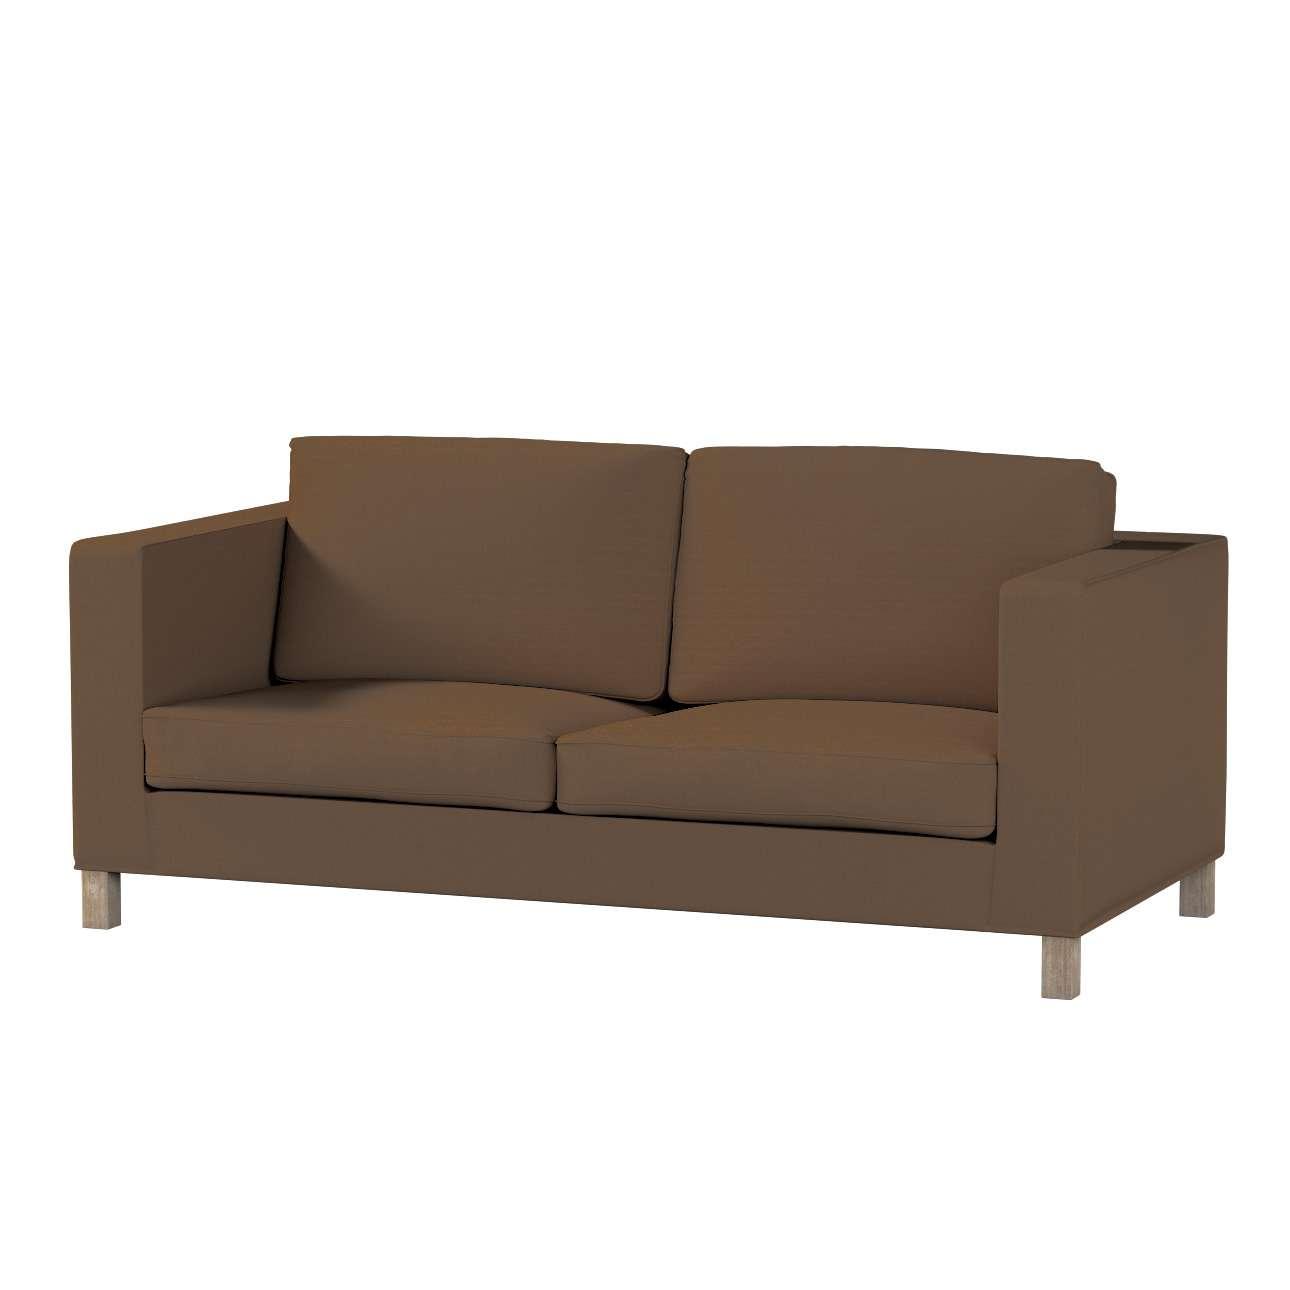 Pokrowiec na sofę Karlanda rozkładaną, krótki Sofa Karlanda rozkładana w kolekcji Cotton Panama, tkanina: 702-02